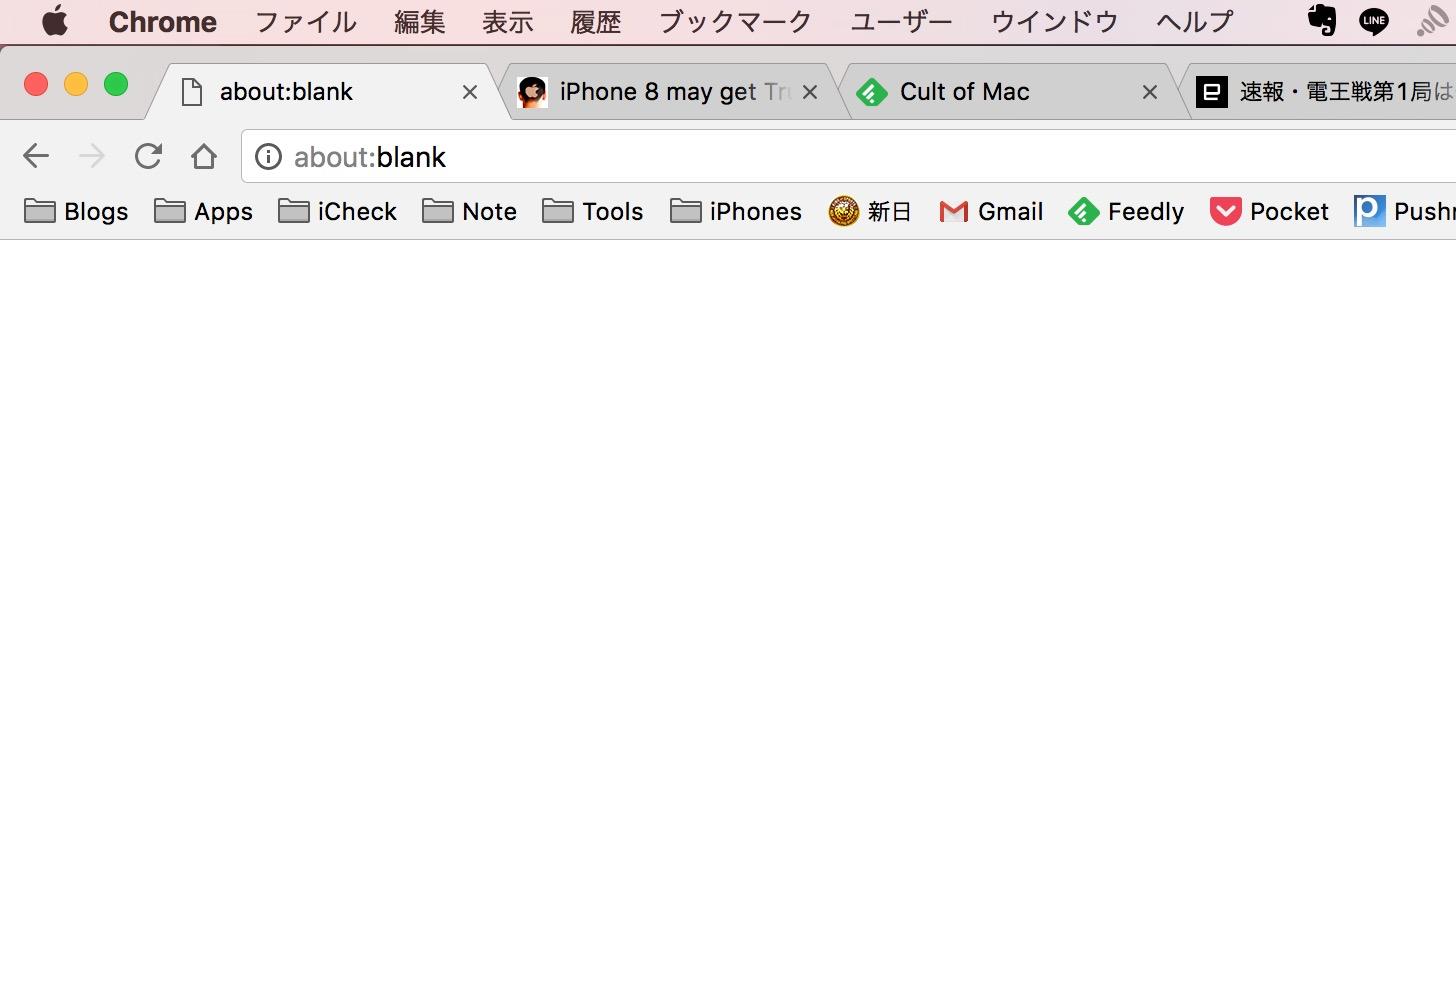 Google Chromeのタブリスト